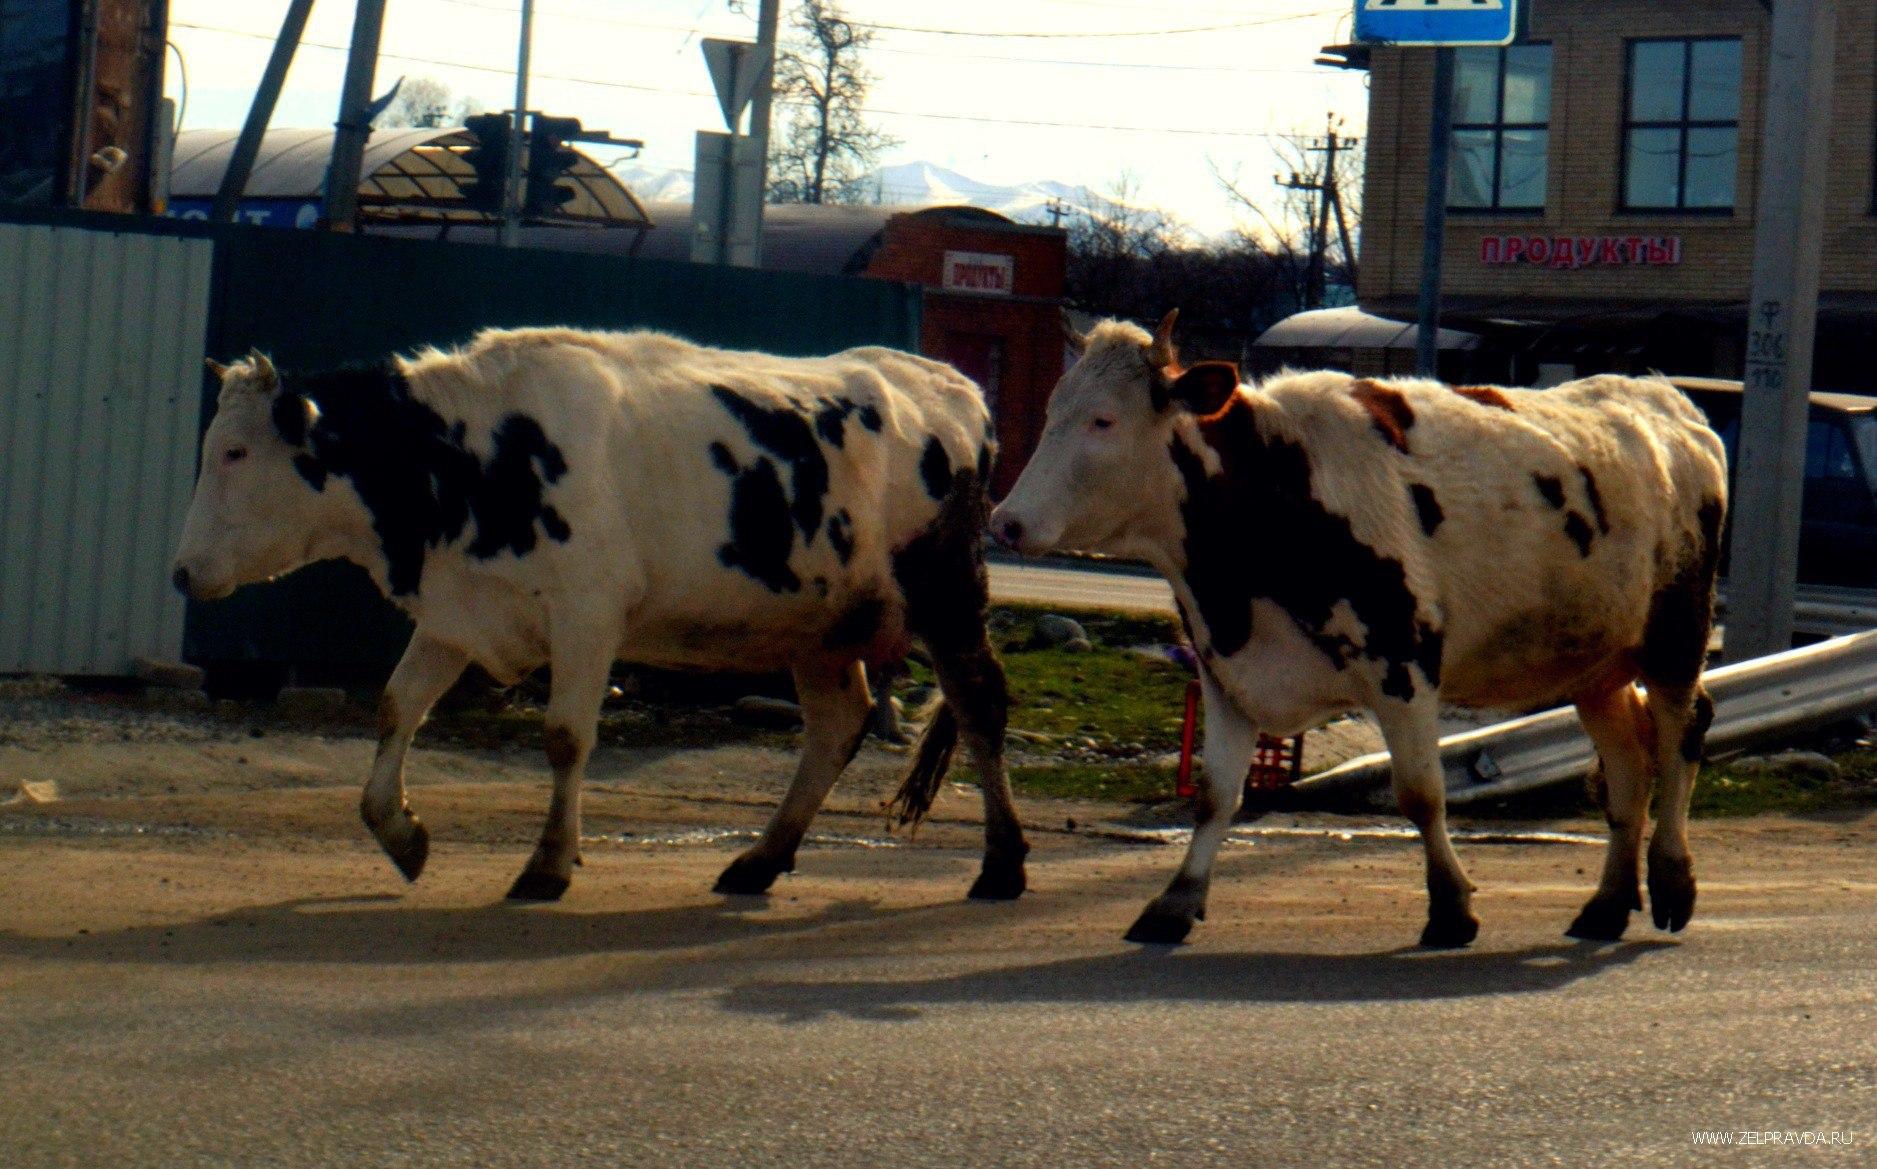 Какие меры предпримут власти КЧР для решения проблемы бесхозных животных на дорогах